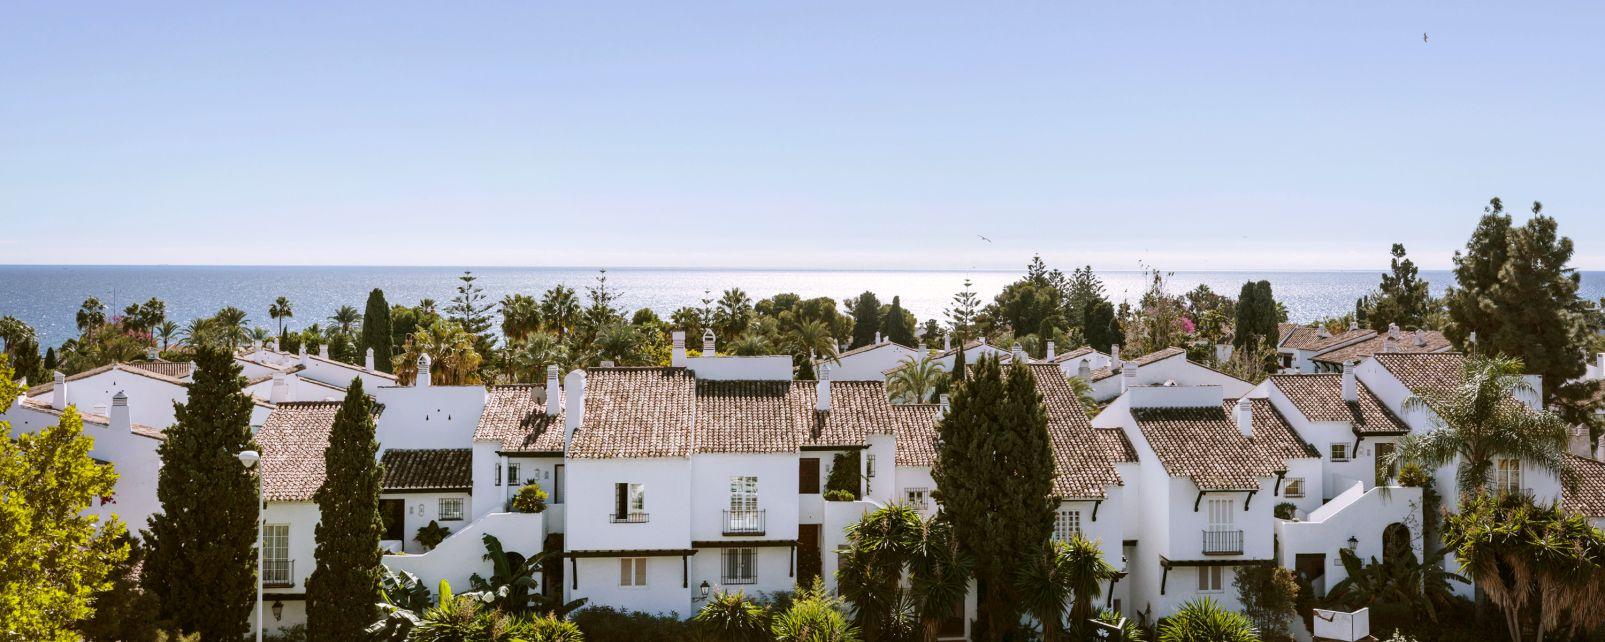 Hôtel Alanda Marbella